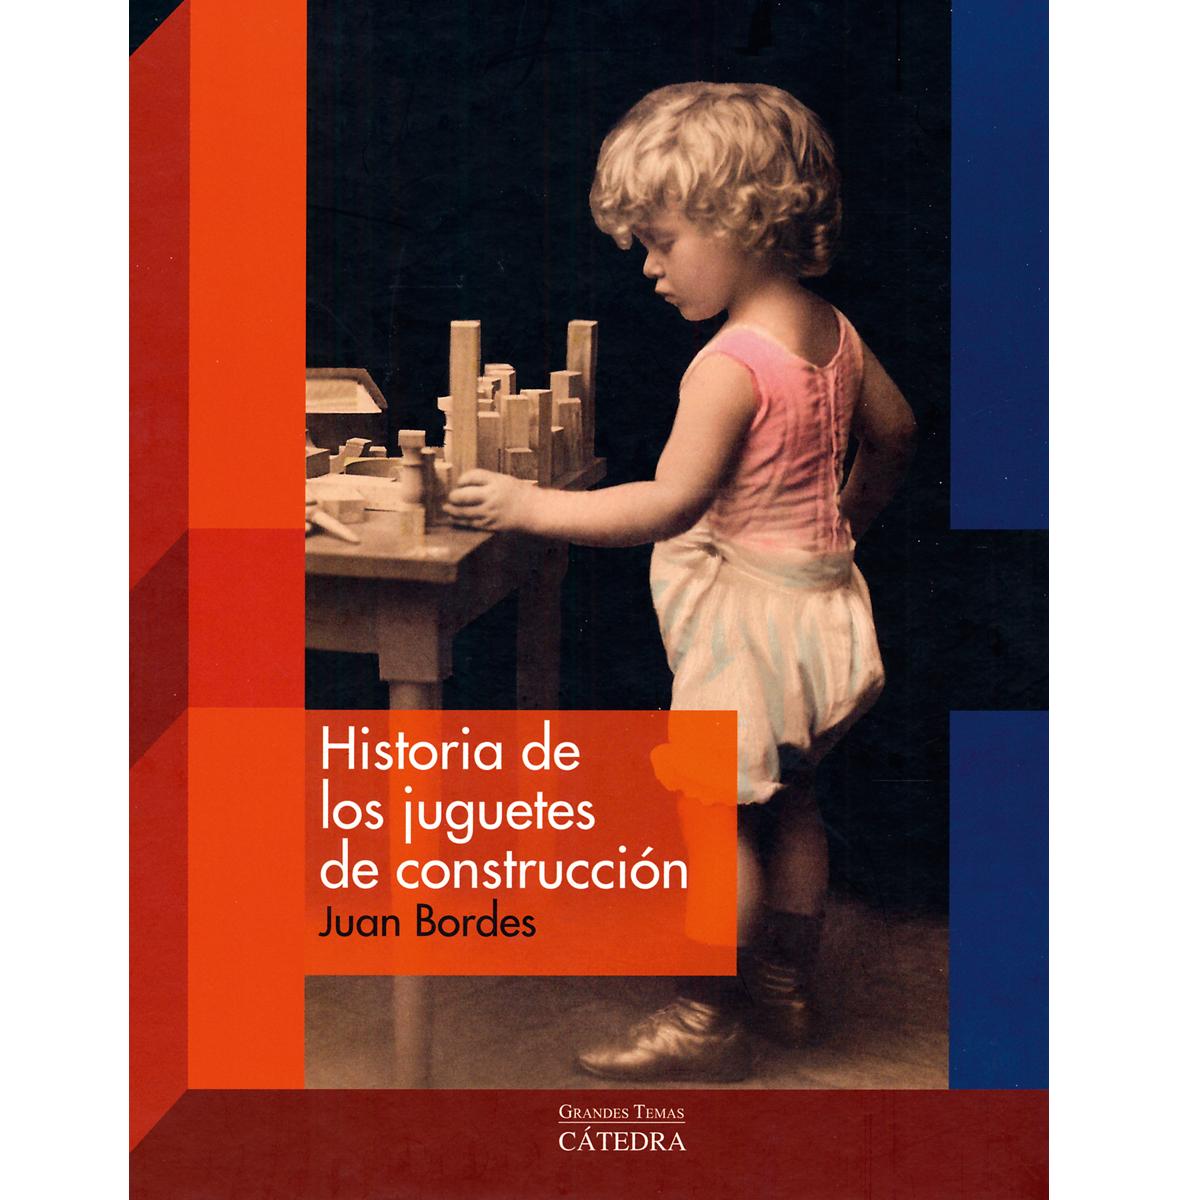 Historia de los juguetes de construcción